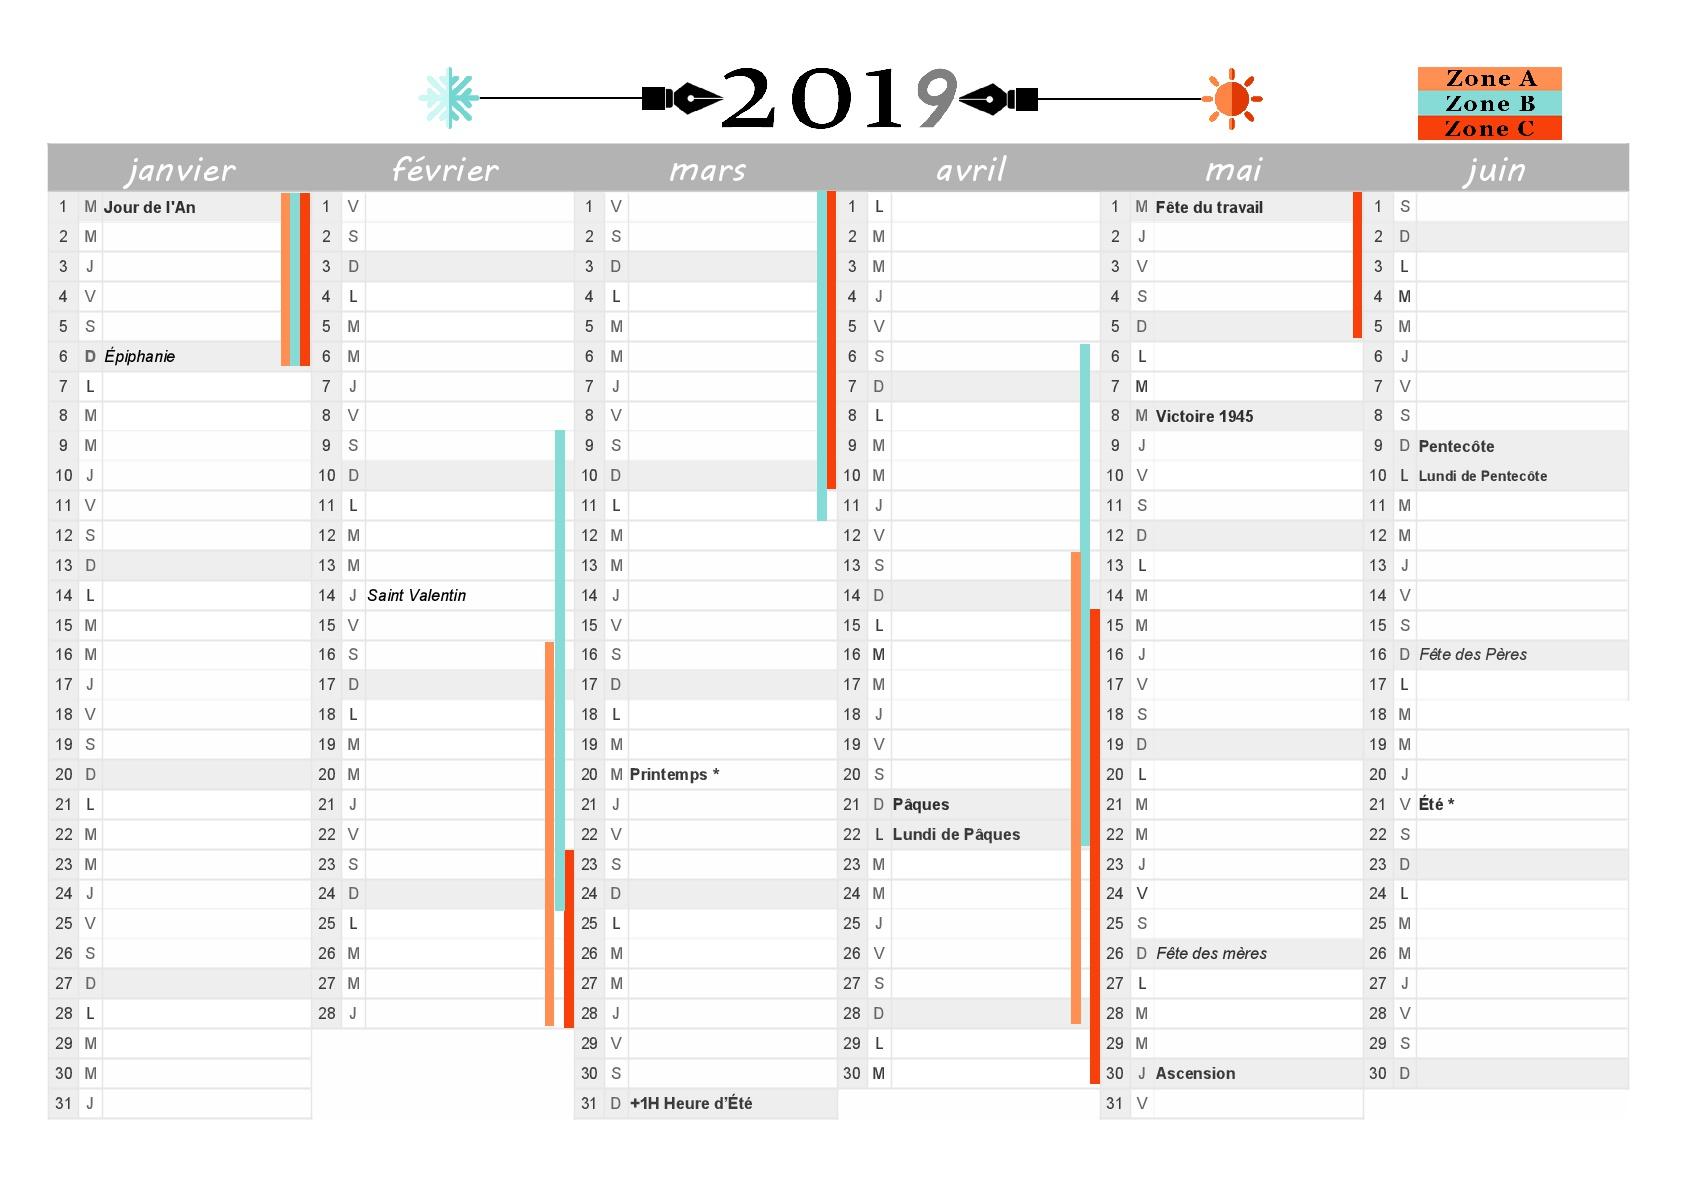 Calendrier Vacances Scolaires 2020 A Imprimer.Calendrier 2019 A Imprimer Jours Feries Vacances